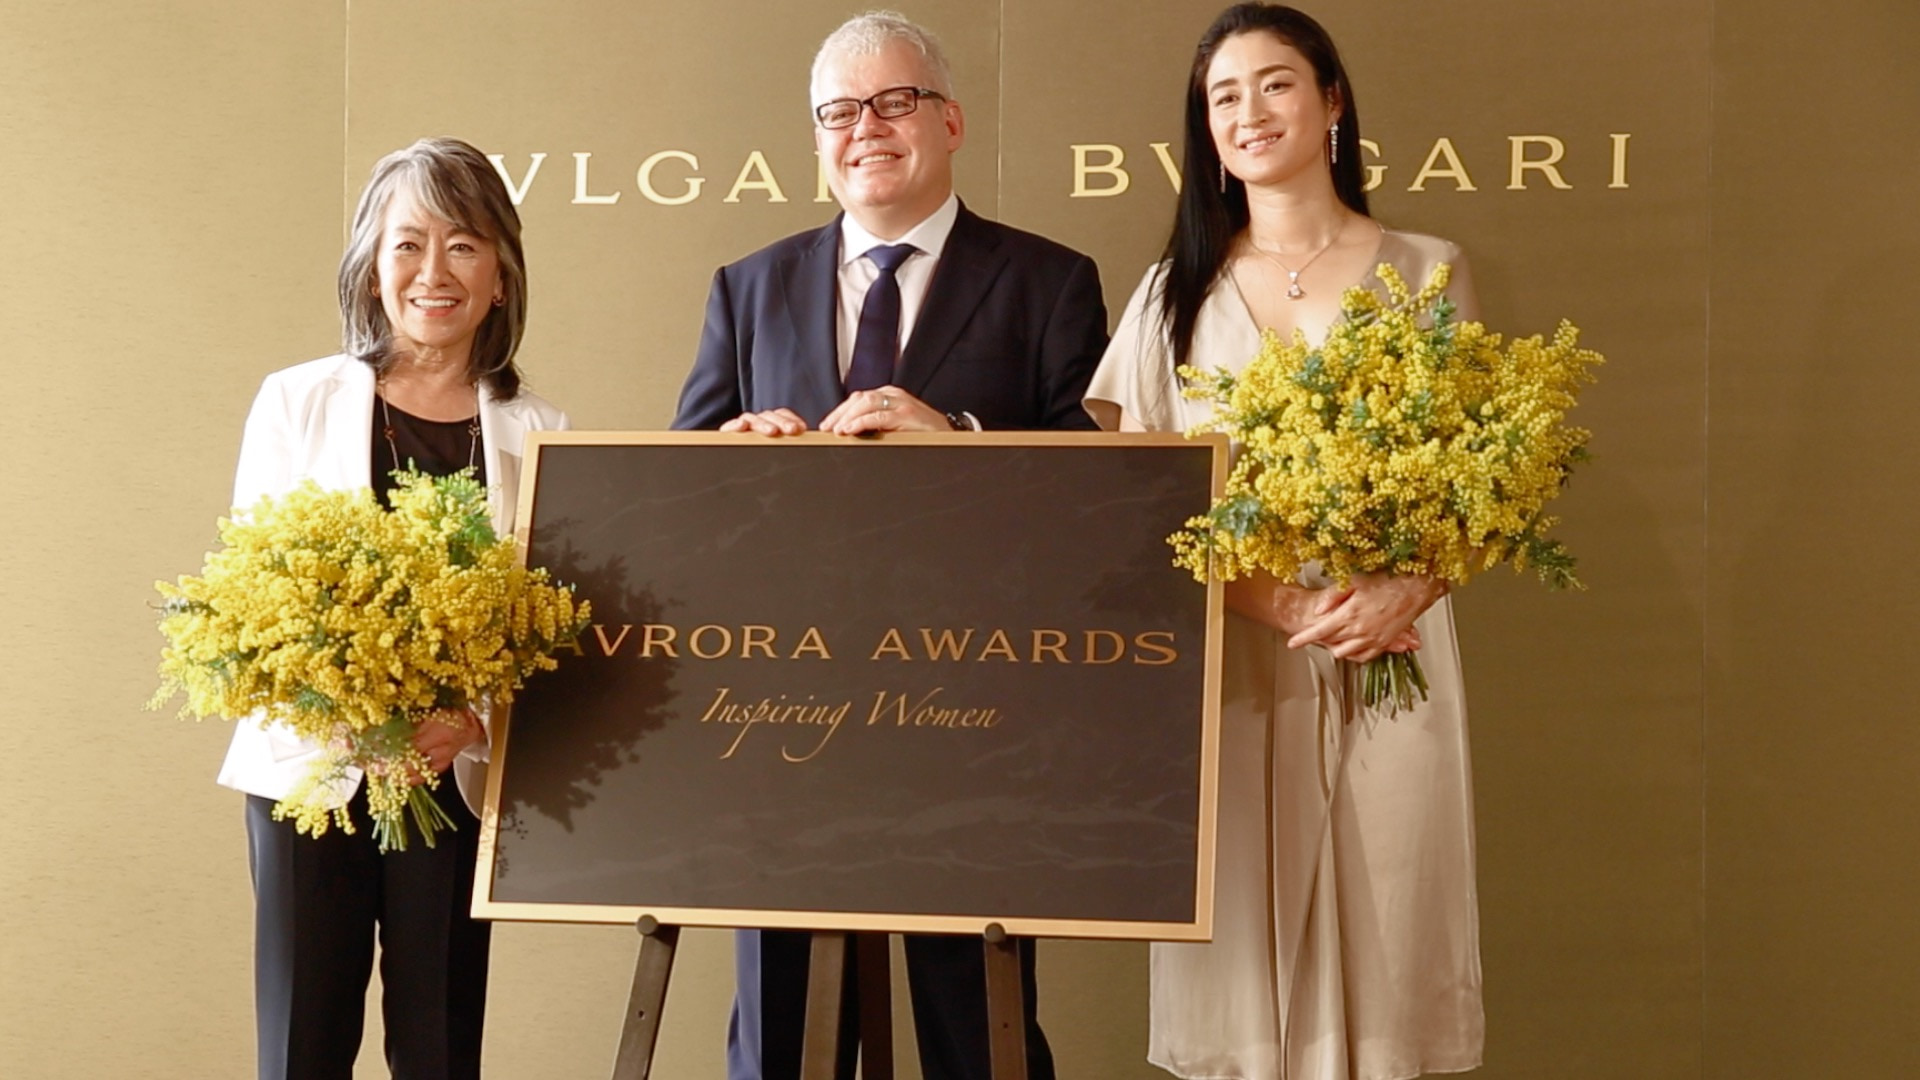 輝ける女性とその取り組みを賞賛!『BVLGARI AVRORA AWARDS』発表セレモニー